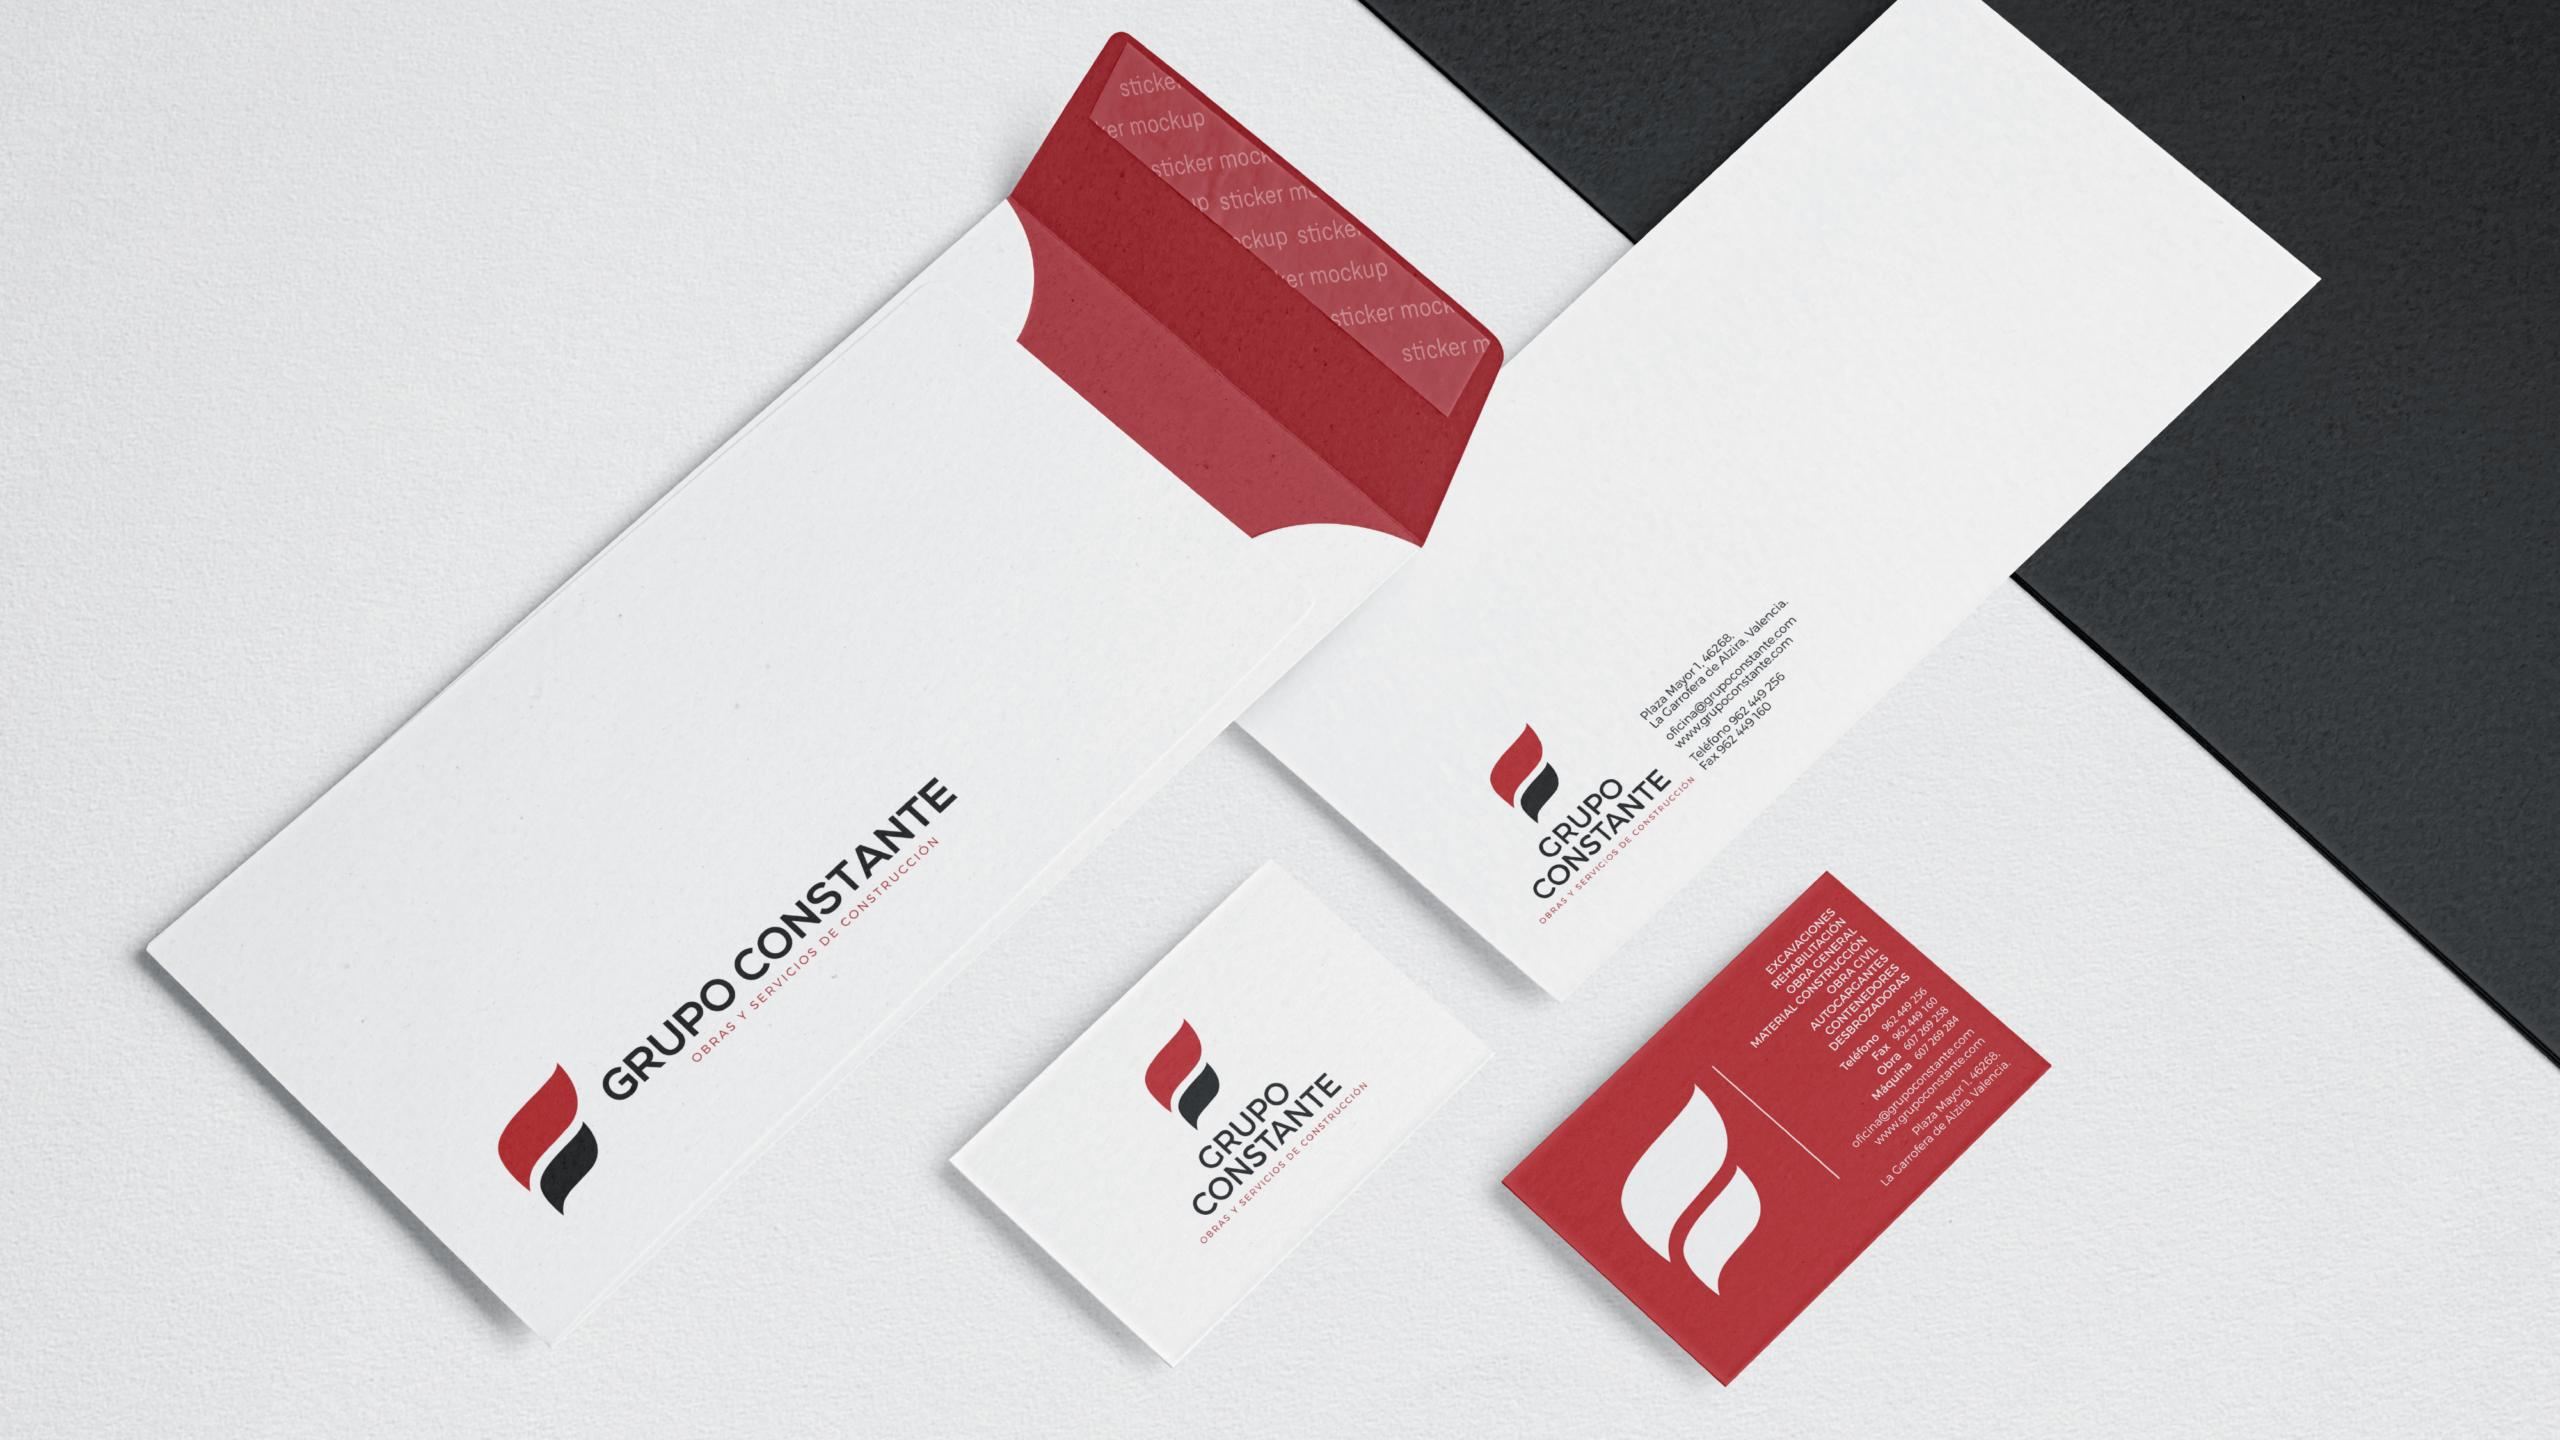 Diseño de cartelería